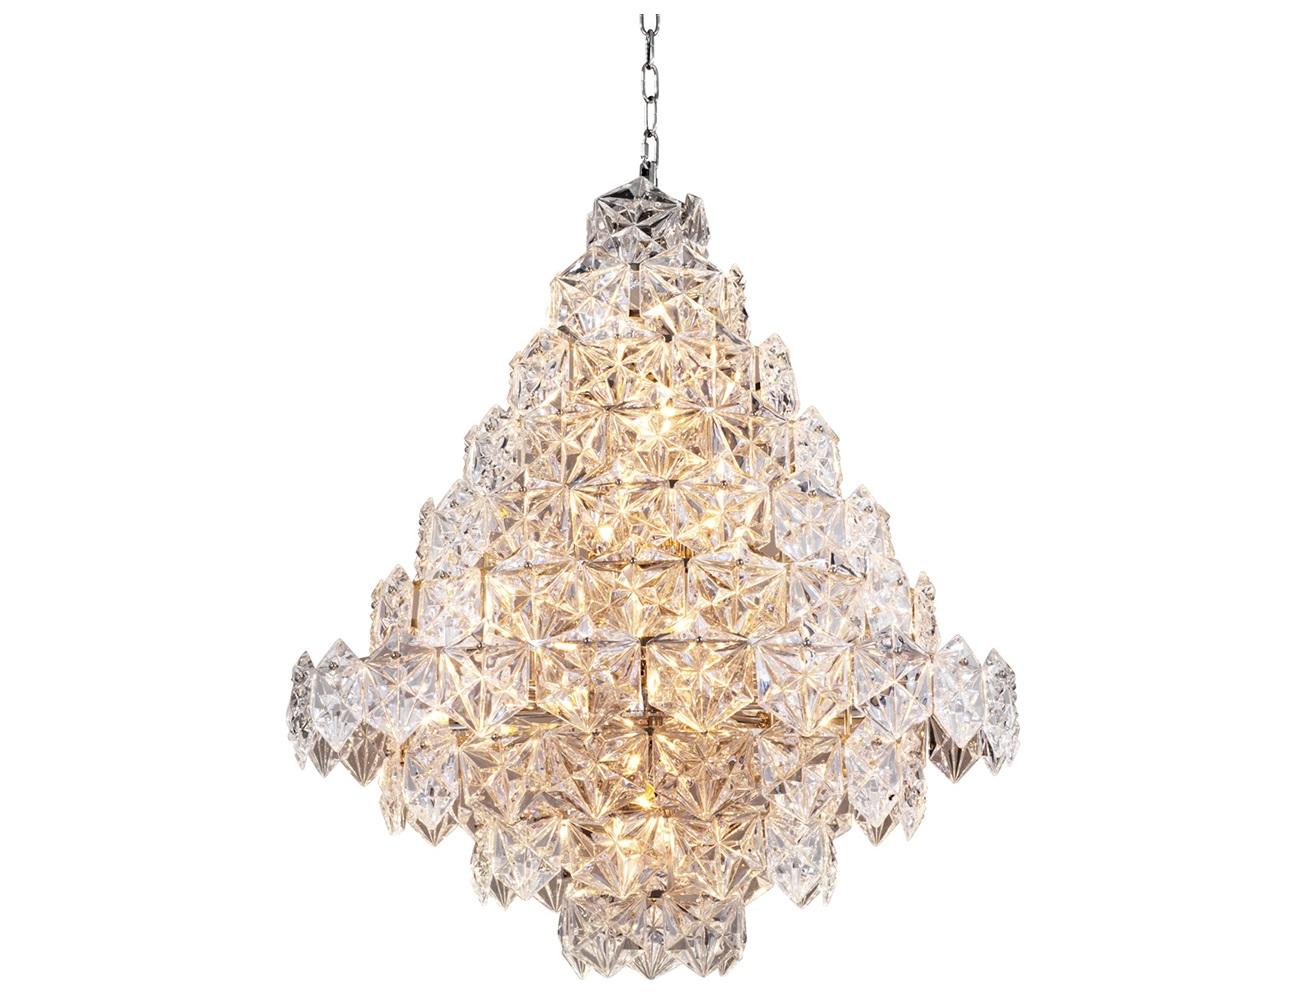 Люстра HermitageЛюстры подвесные<br>Подвесной светильник Chandelier Hermitage L на никелированной арматуре. Плафон выполнен из множества пластин из фактурного прозрачного стекла. Высота светильника регулируется за счет звеньев цепи.&amp;lt;div&amp;gt;&amp;lt;br&amp;gt;&amp;lt;/div&amp;gt;&amp;lt;div&amp;gt;&amp;lt;div&amp;gt;Вид цоколя: E14&amp;lt;/div&amp;gt;&amp;lt;div&amp;gt;Мощность лампы: 40W&amp;lt;/div&amp;gt;&amp;lt;div&amp;gt;Количество ламп: 12&amp;lt;/div&amp;gt;&amp;lt;/div&amp;gt;&amp;lt;div&amp;gt;&amp;lt;br&amp;gt;&amp;lt;/div&amp;gt;&amp;lt;div&amp;gt;Лампочки в комплект не входят.&amp;lt;/div&amp;gt;<br><br>Material: Стекло<br>Ширина см: 80<br>Высота см: 95<br>Глубина см: 80